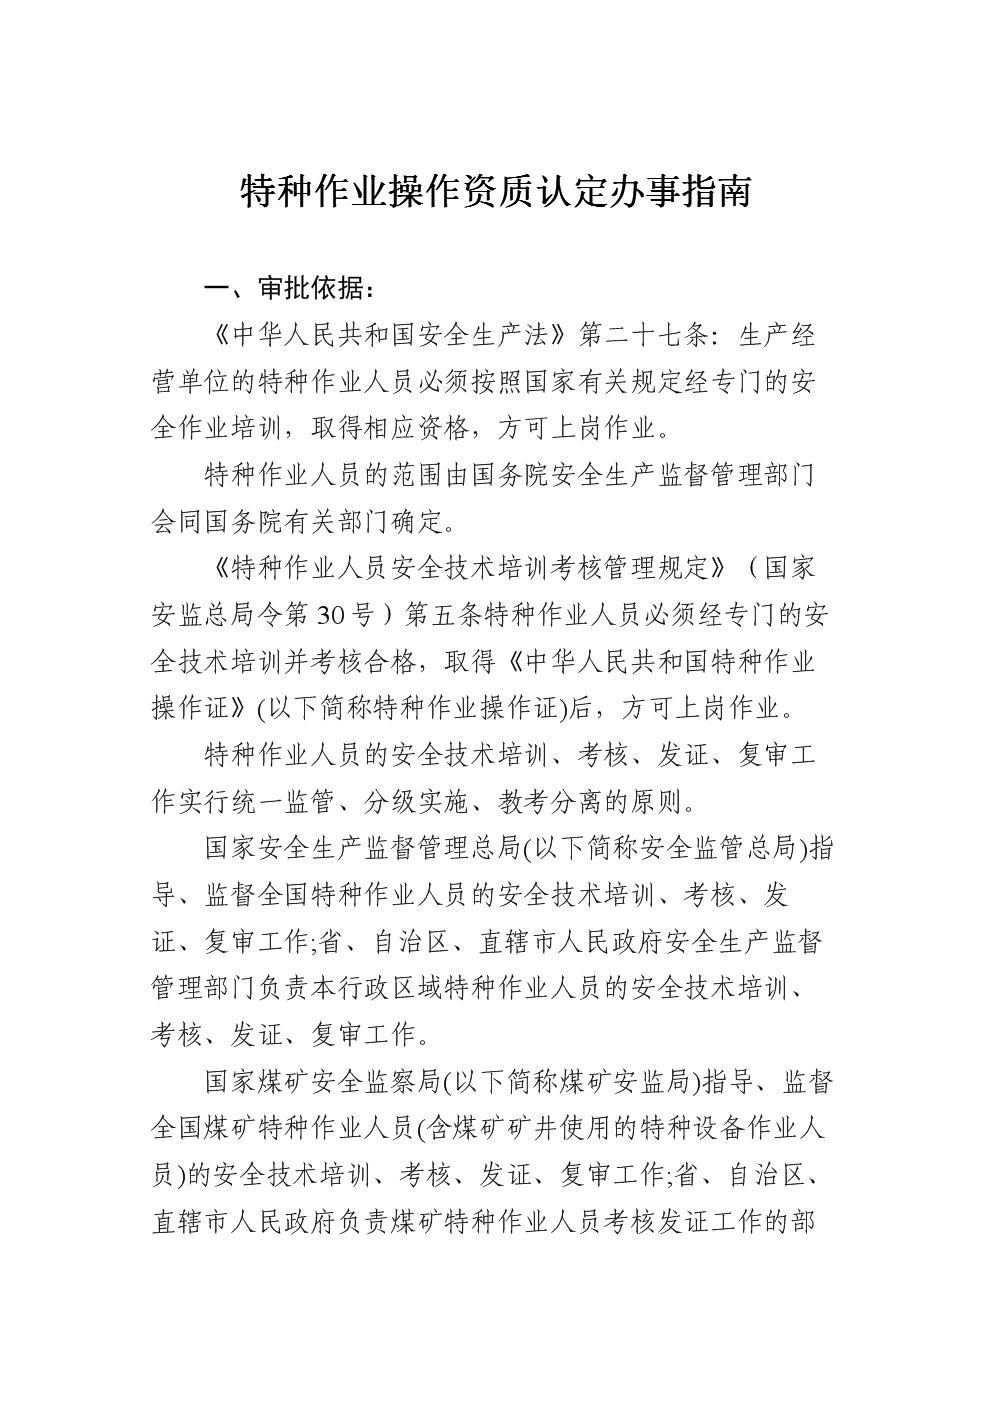 特种作业操作资质认定办事指南.doc